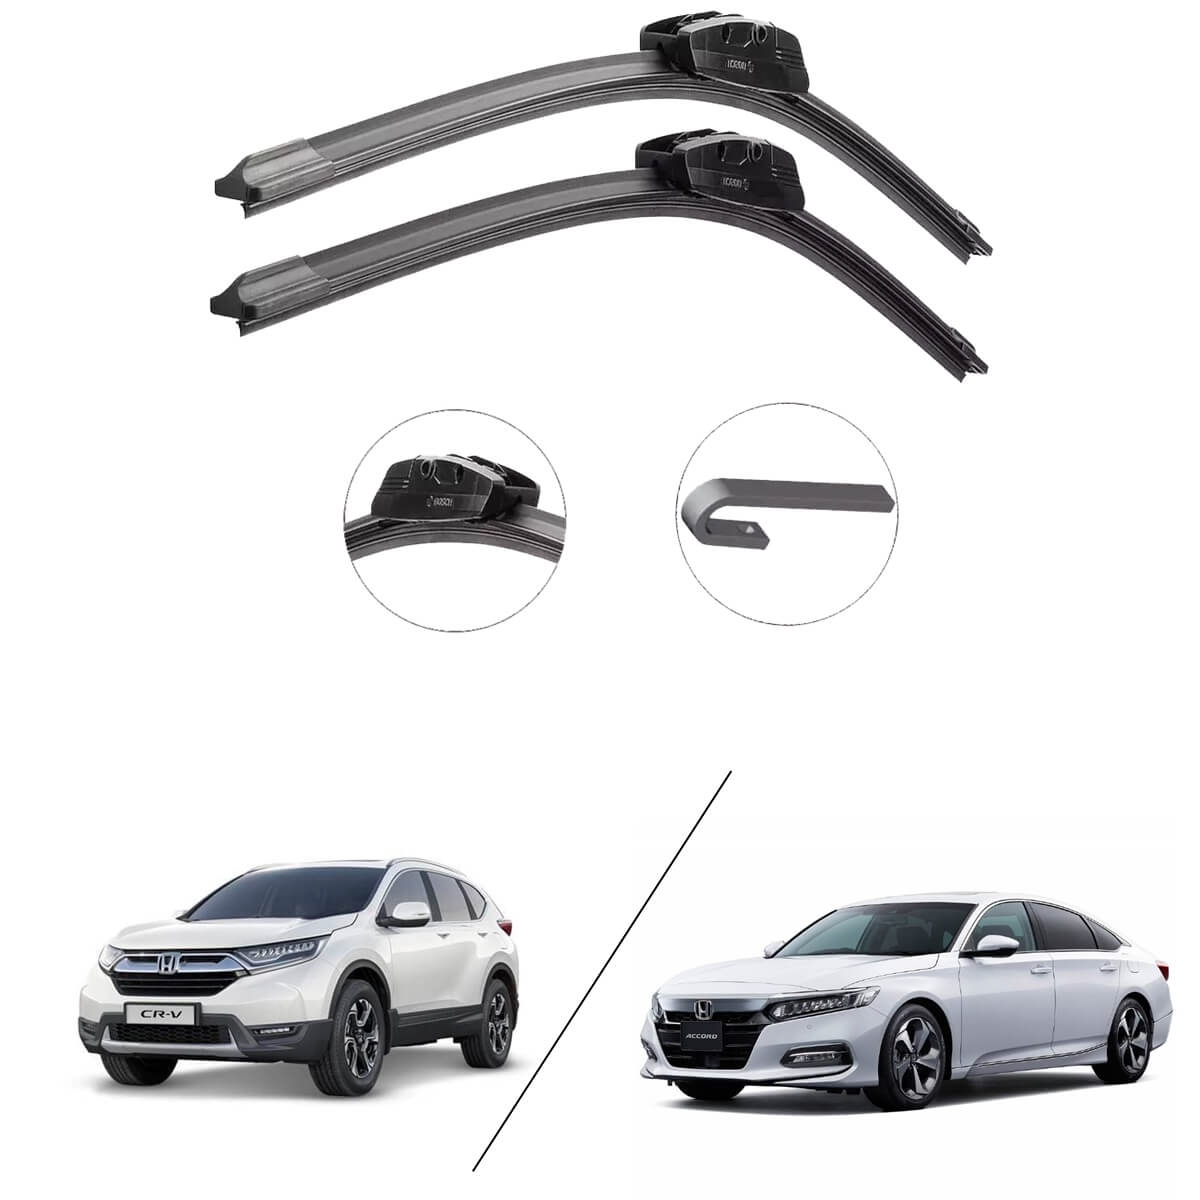 Par de Palheta Original Bosch Honda Accord e CR-V Aerofit